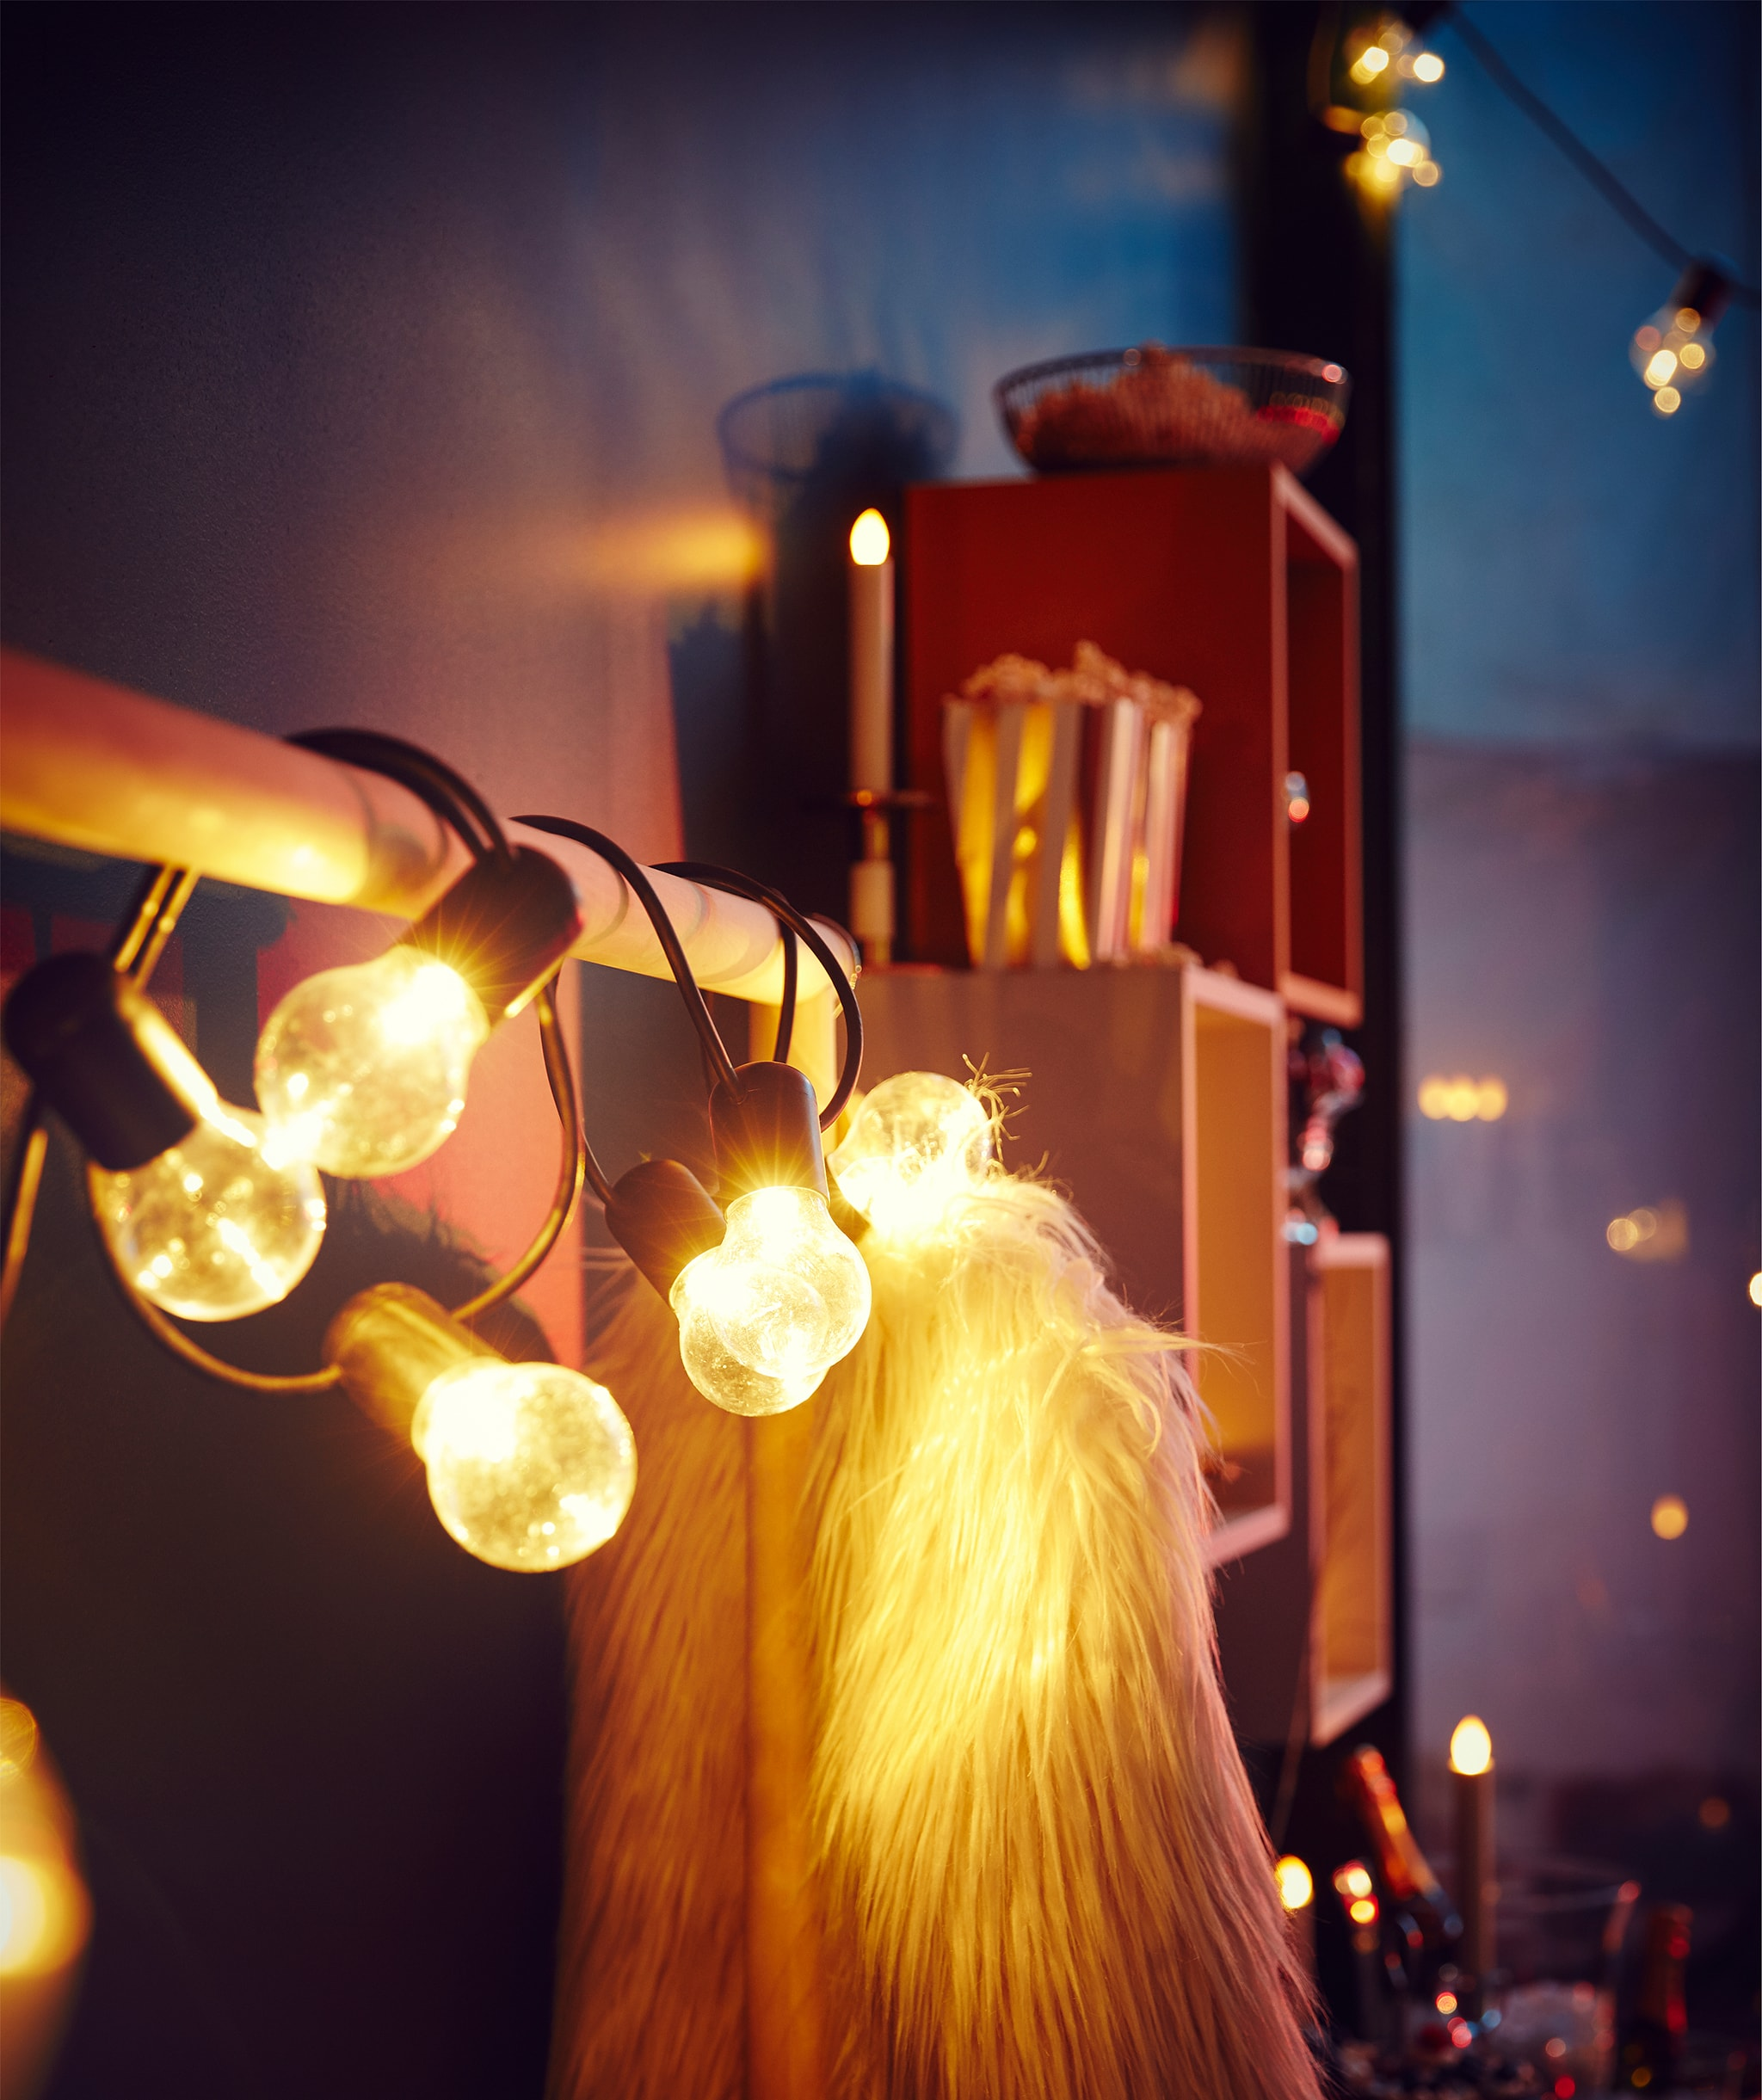 放在牆邊的掛衣架,掛有一件派對風格的毛毛外套,一條大燈串裝飾掛衣桿。